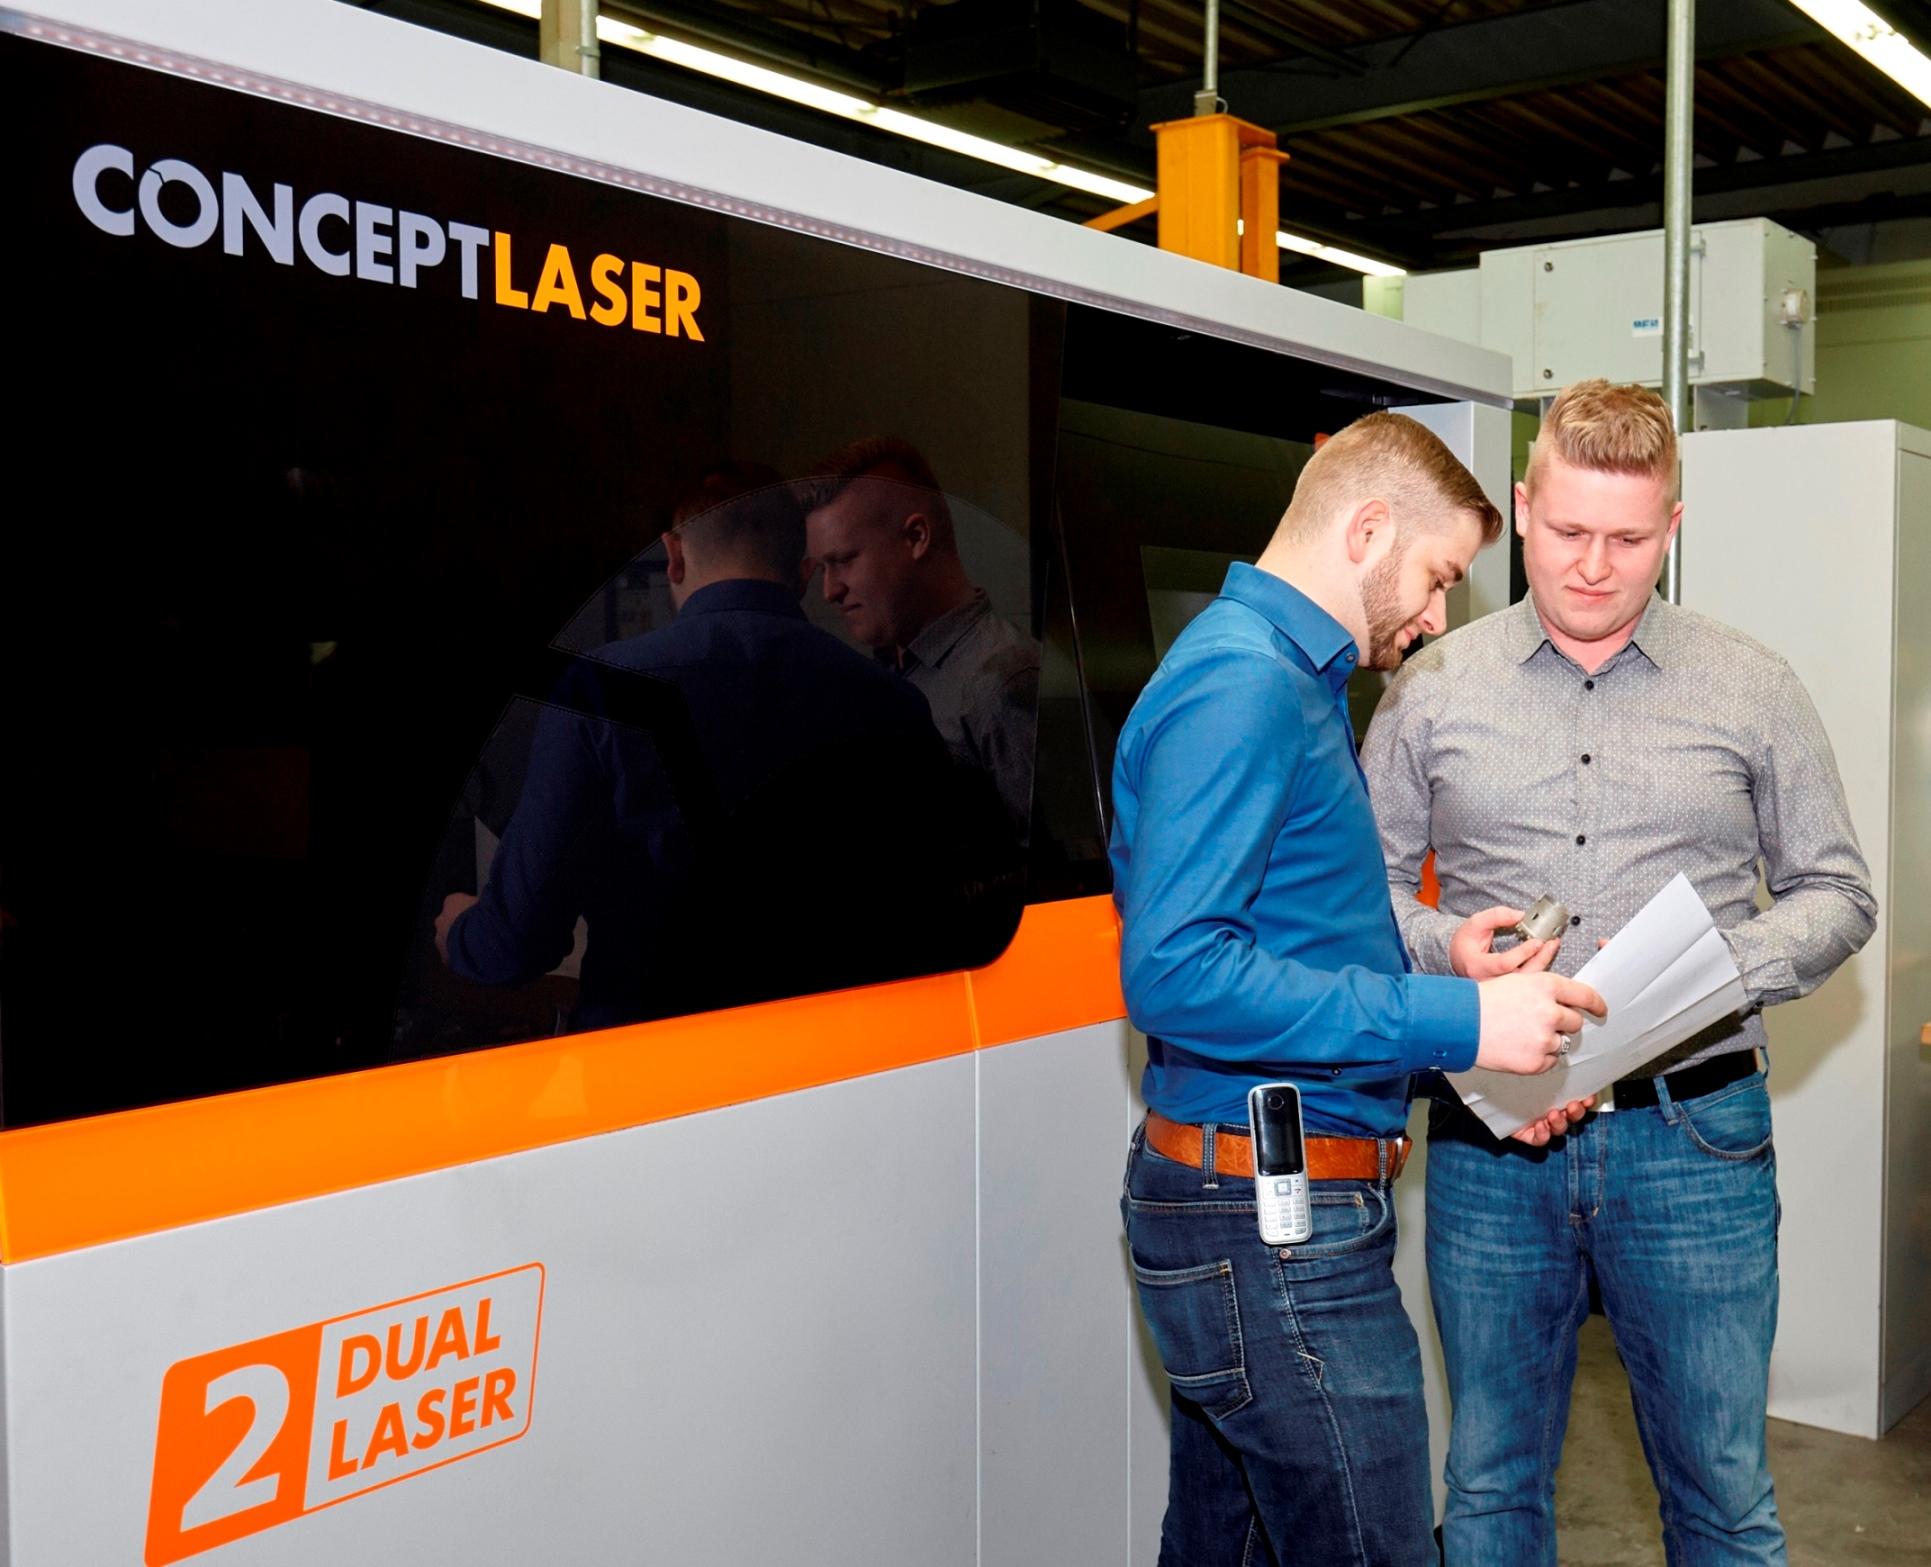 Keimzelle der 3D-Metalldruck-Fertigung in Pinneberg: LaserCUSING-Anlage M2 cusing Multilaser bei Jung & Co. Das Gesamtpaket aus Technologie, Sicherheitskonzept und Partnerschaft gab den Ausschlag für Concept Laser Bild: Jung & Co.